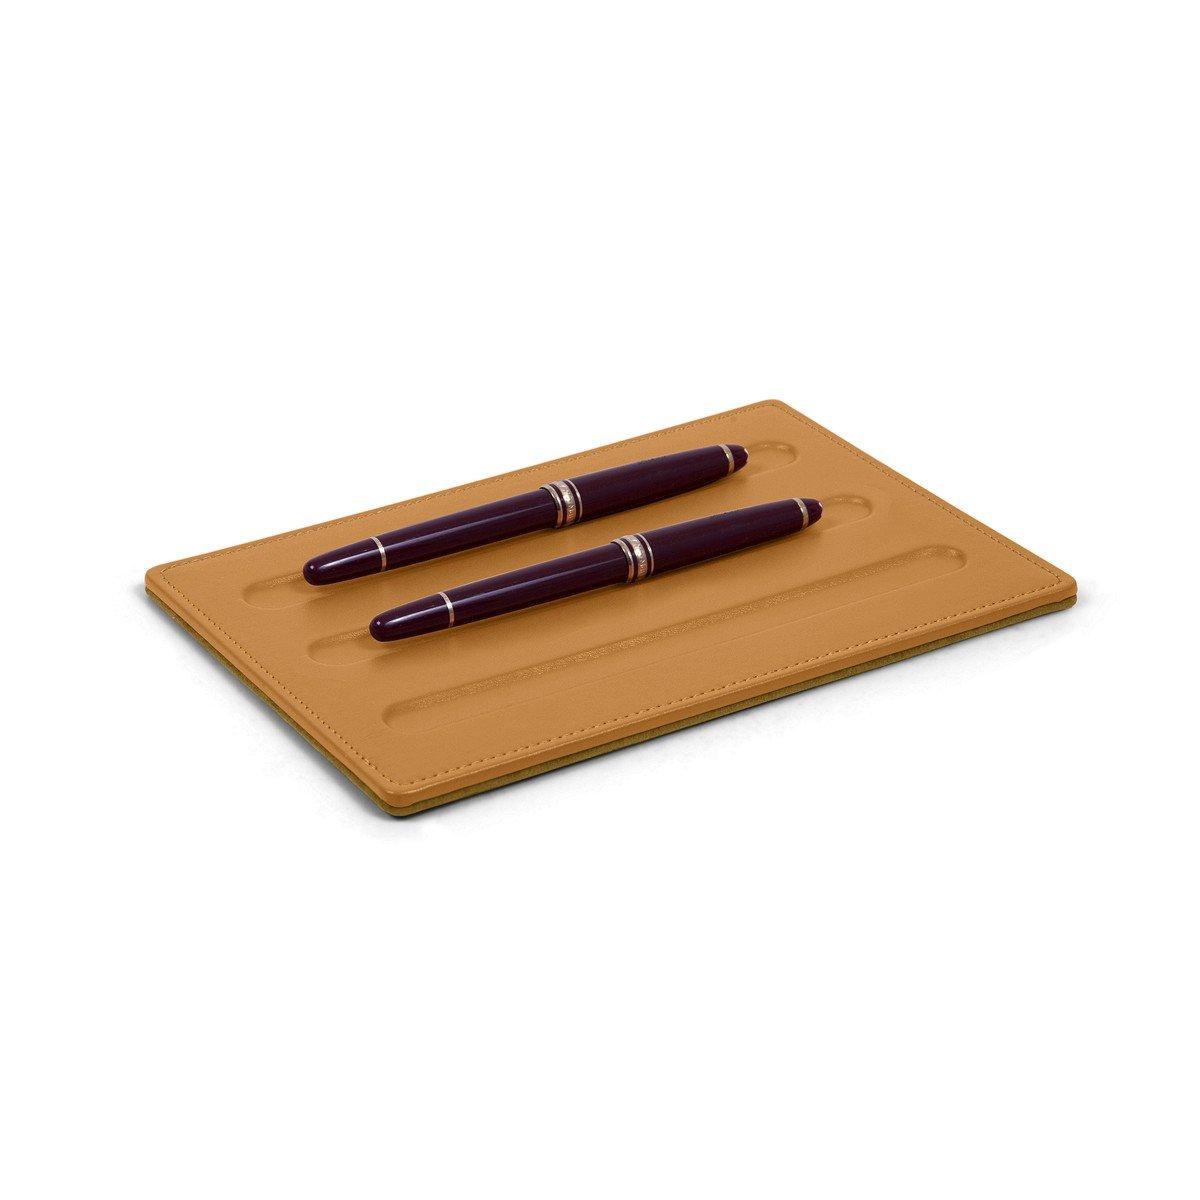 Lucrin - Ablage für Schreibgeräte-3 Stifte (20 x x x 14 cm) - Azurblau - Glattleder B00TZZRGDK | Online  92f3e9